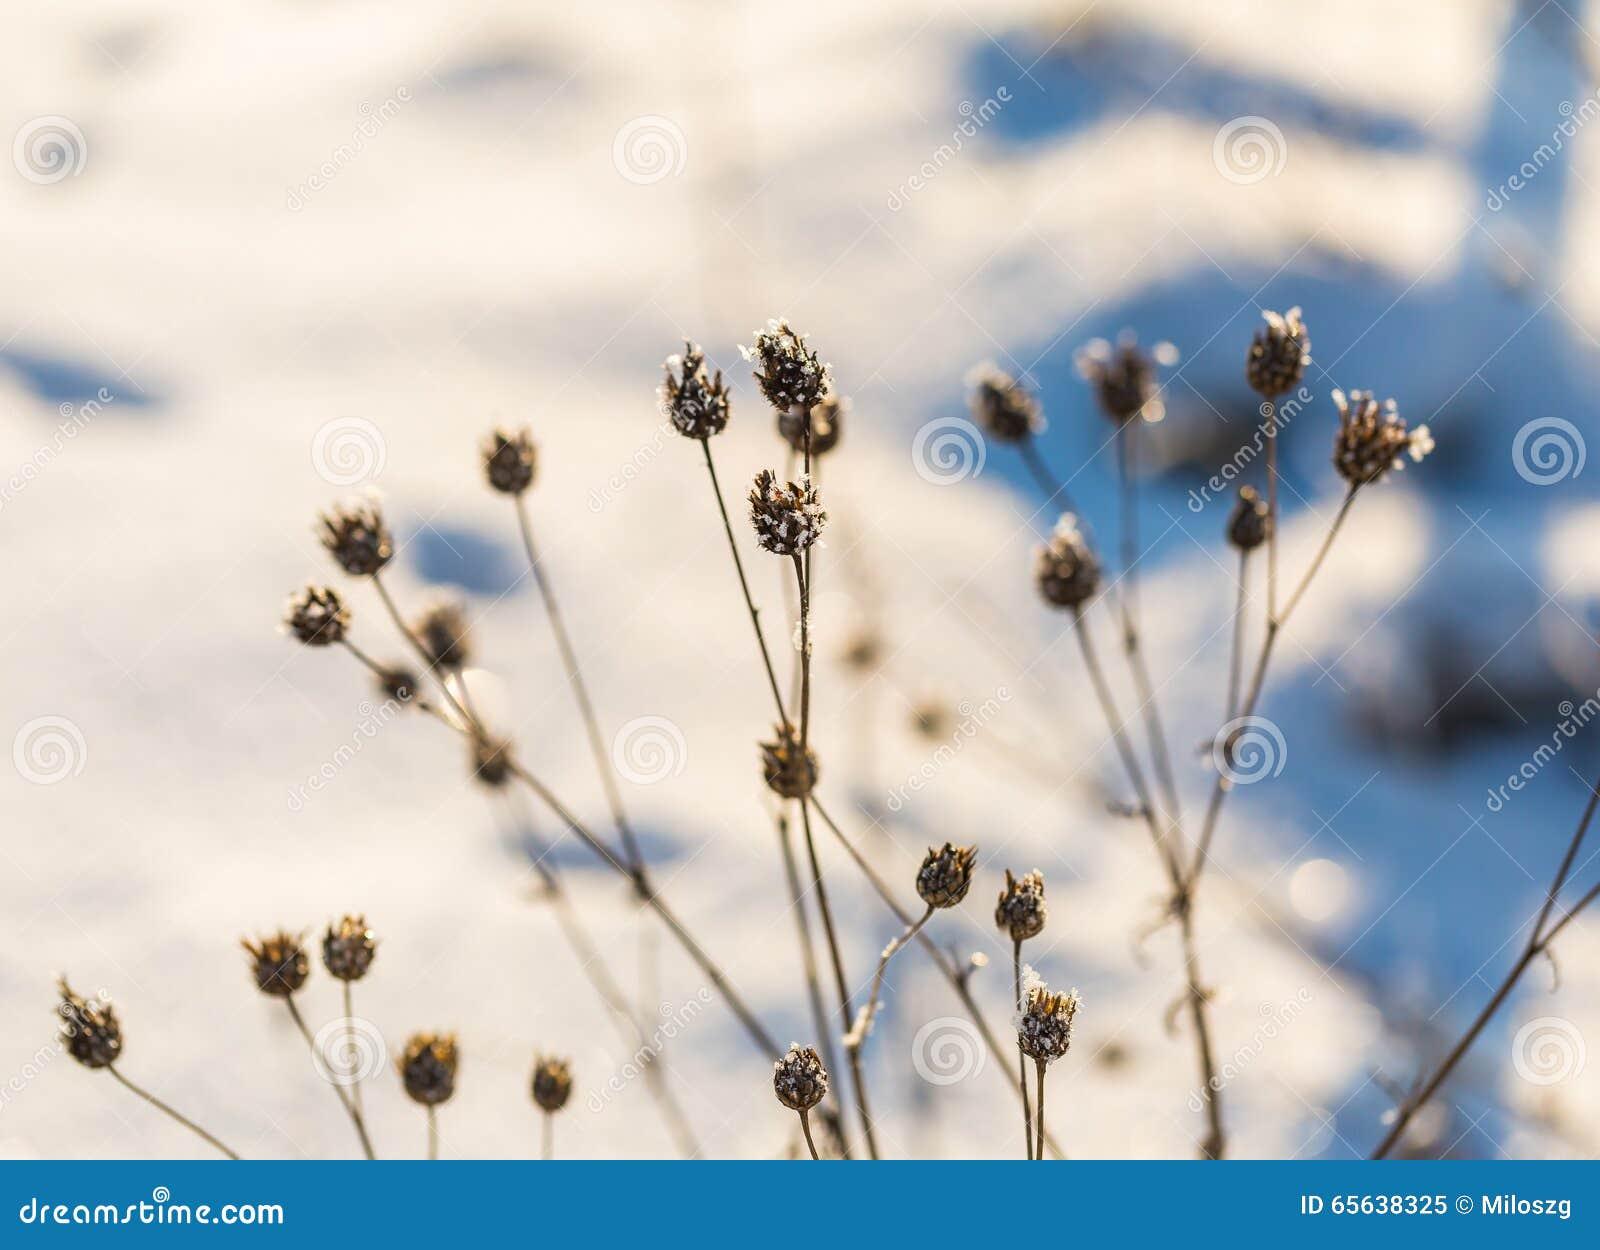 Usines sèches d hiver avec la fin de givre